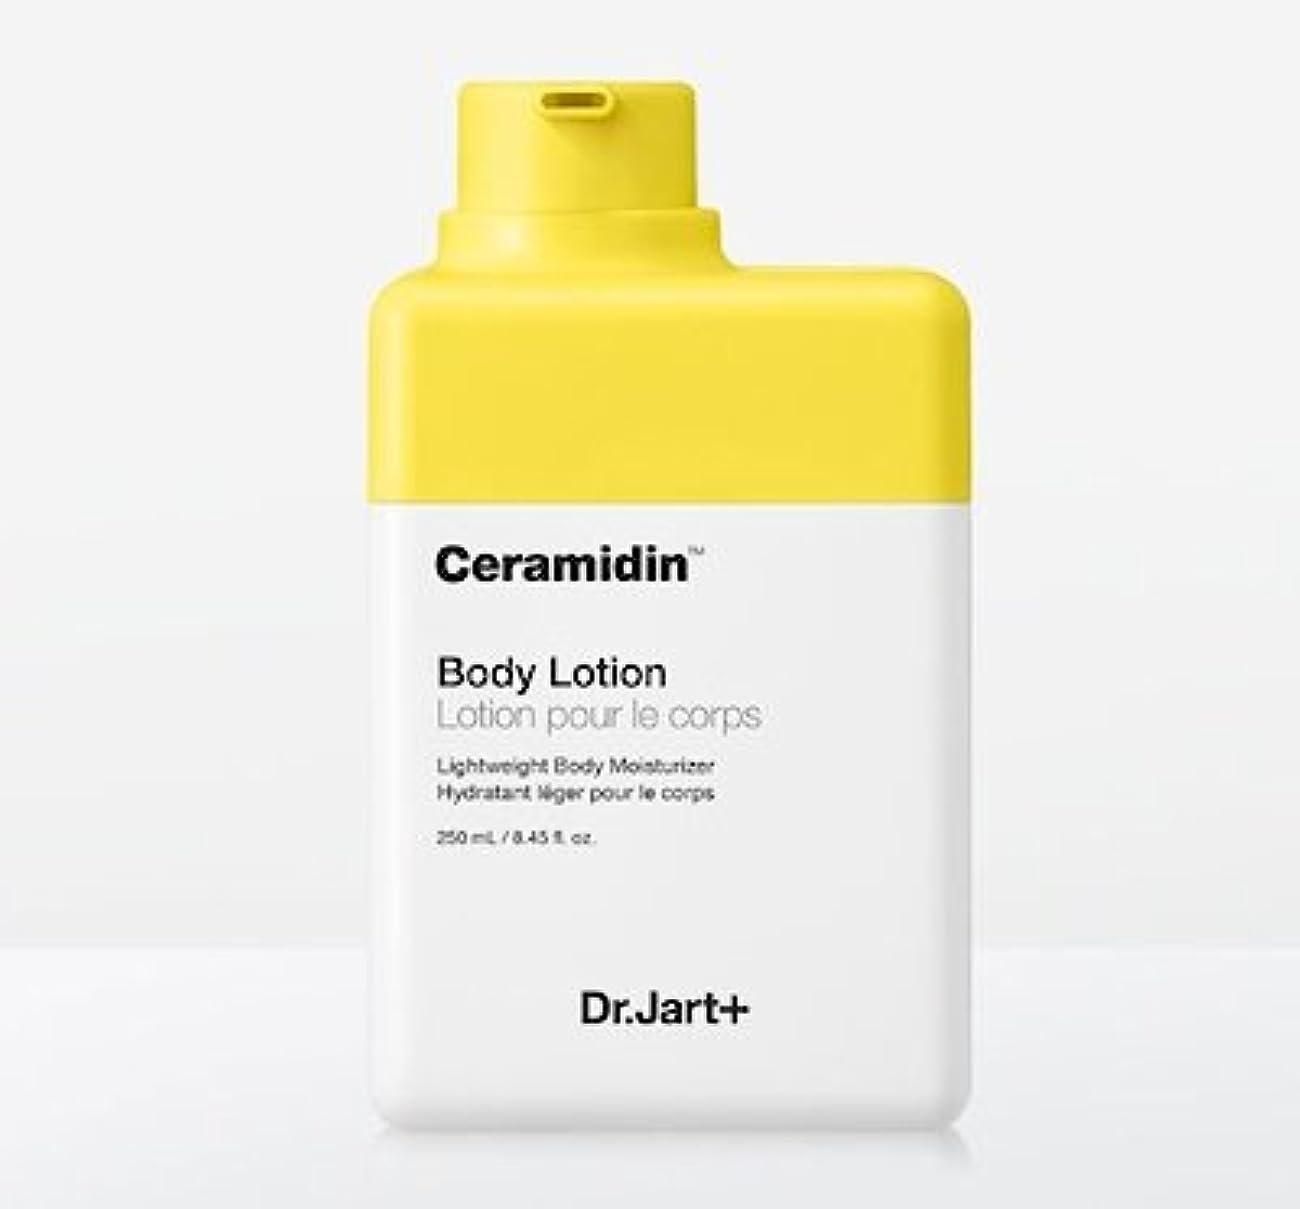 曲げる筋中でドクタージャルトセラマイディンボディローション Dr.Jart Ceramidin Body Lotion 250ml [並行輸入品]